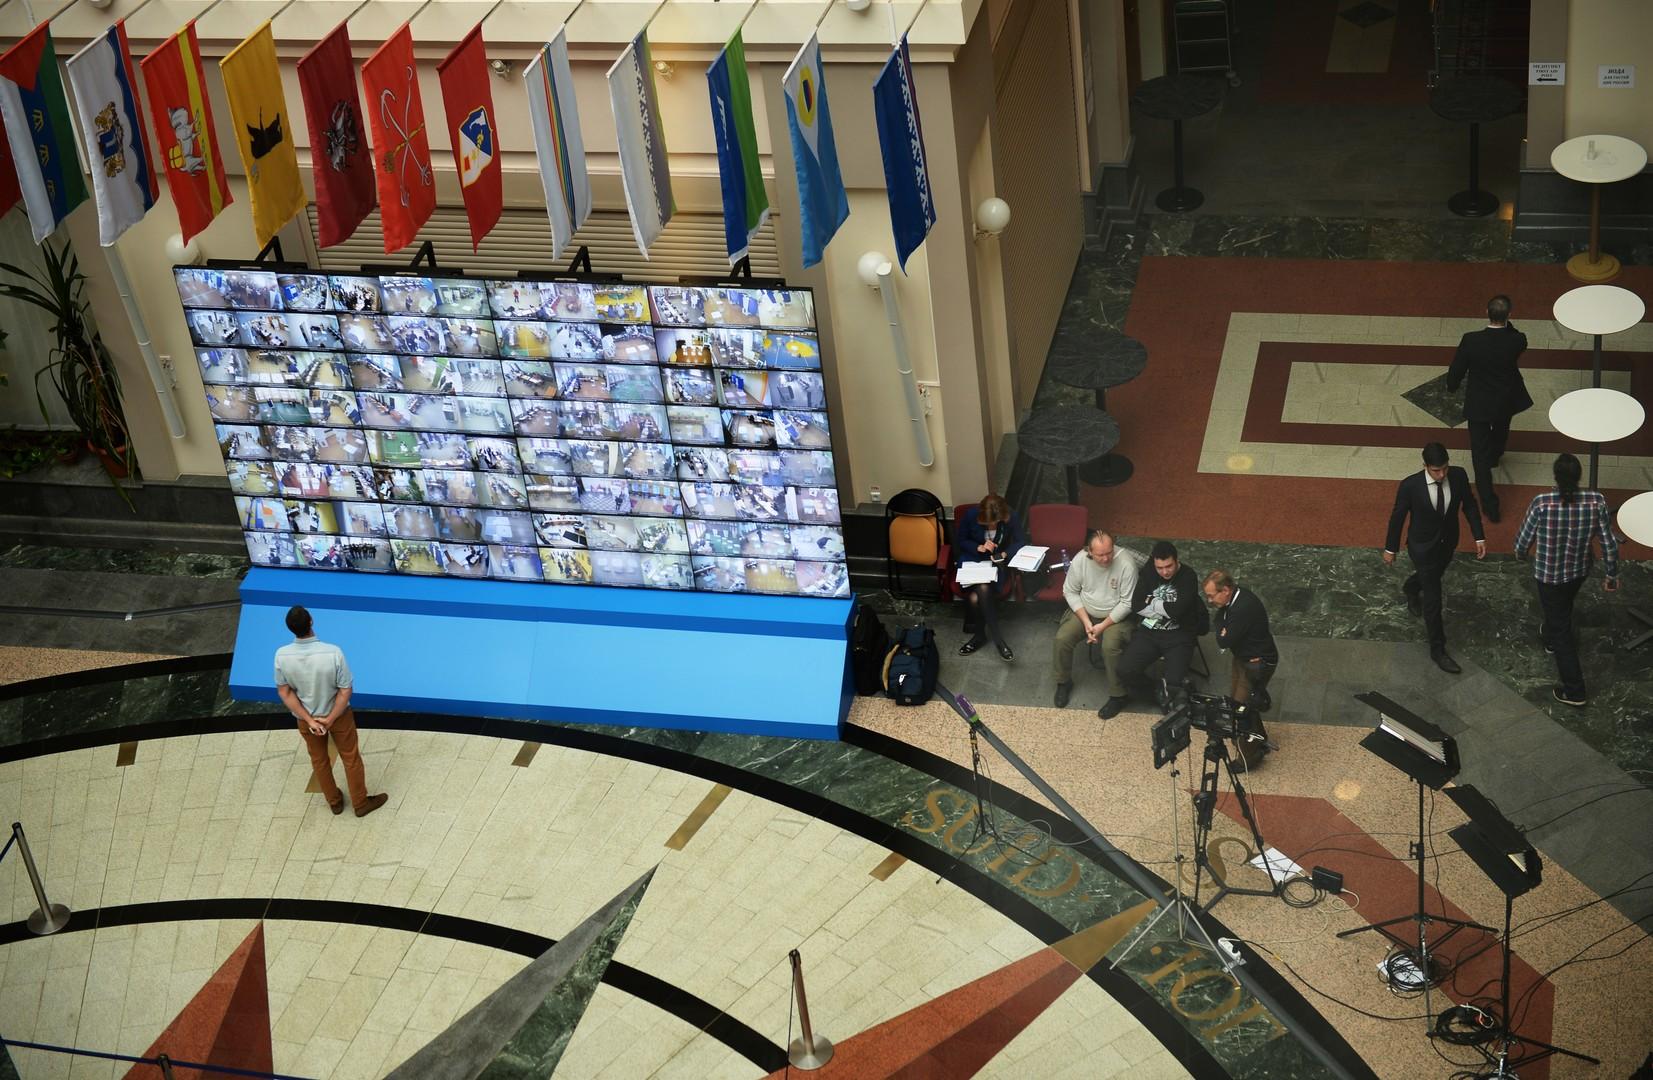 Трансляция изображений с камер наблюдения, установленных на избирательных участках, на мониторе в Центральной избирательной комиссии в единый день голосования.